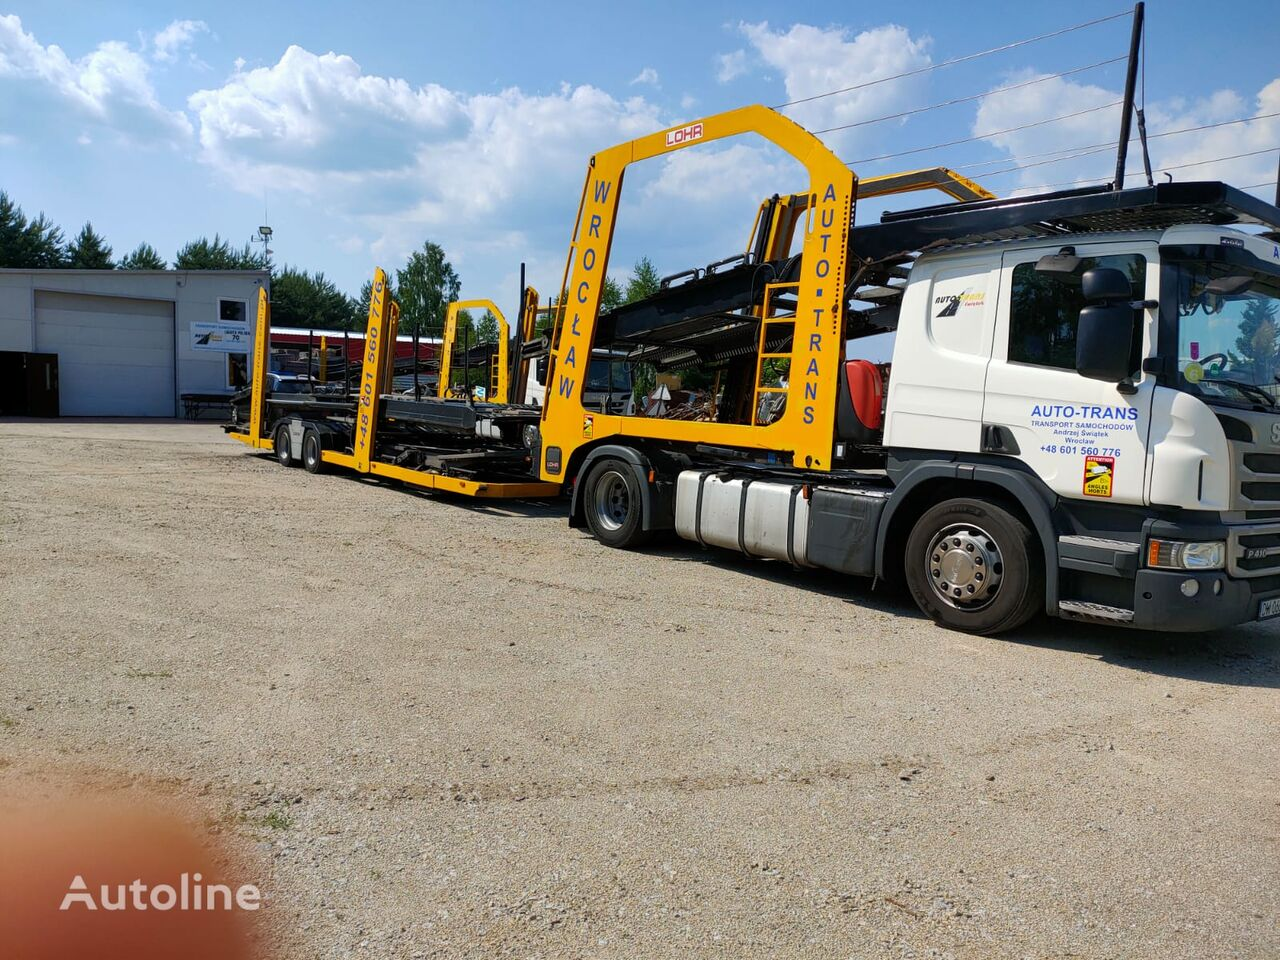 SCANIA Eurolohr car transporter + car transporter trailer